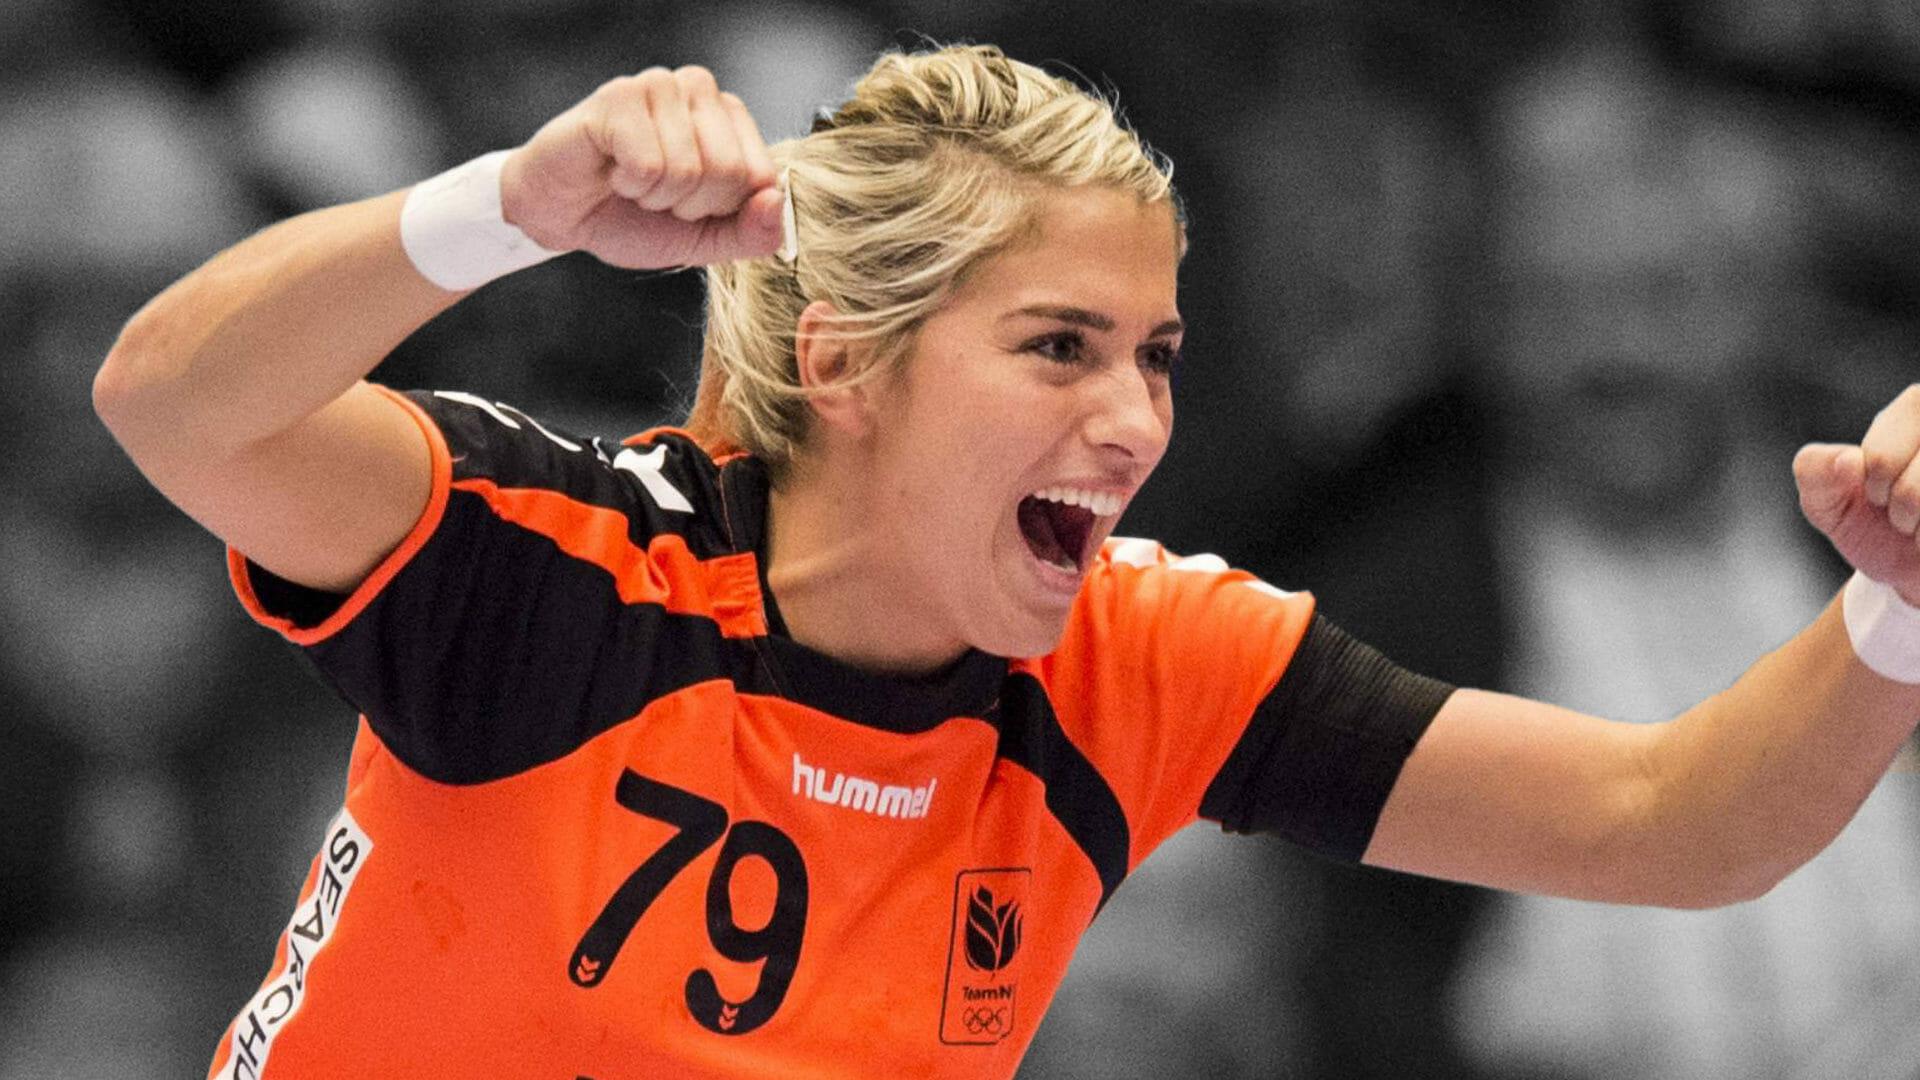 Les handballeuses à suivre sur Instagram